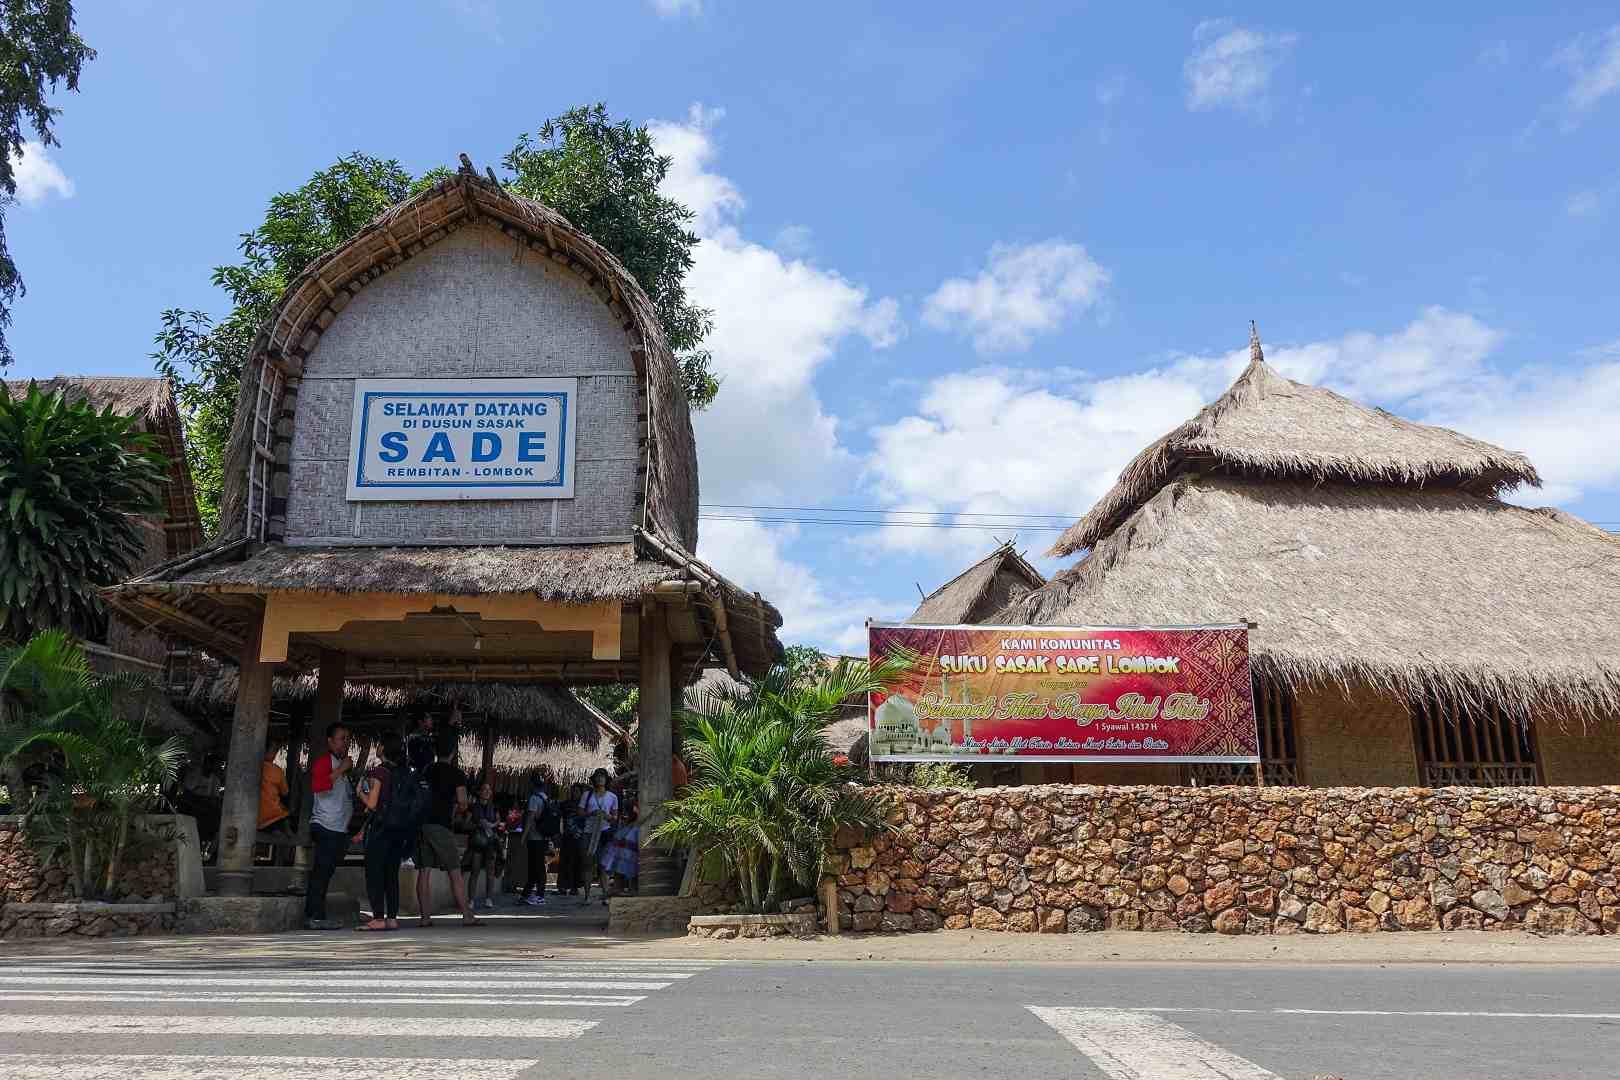 Entryway to Sasak Sade Village, Lombok, Indonesia